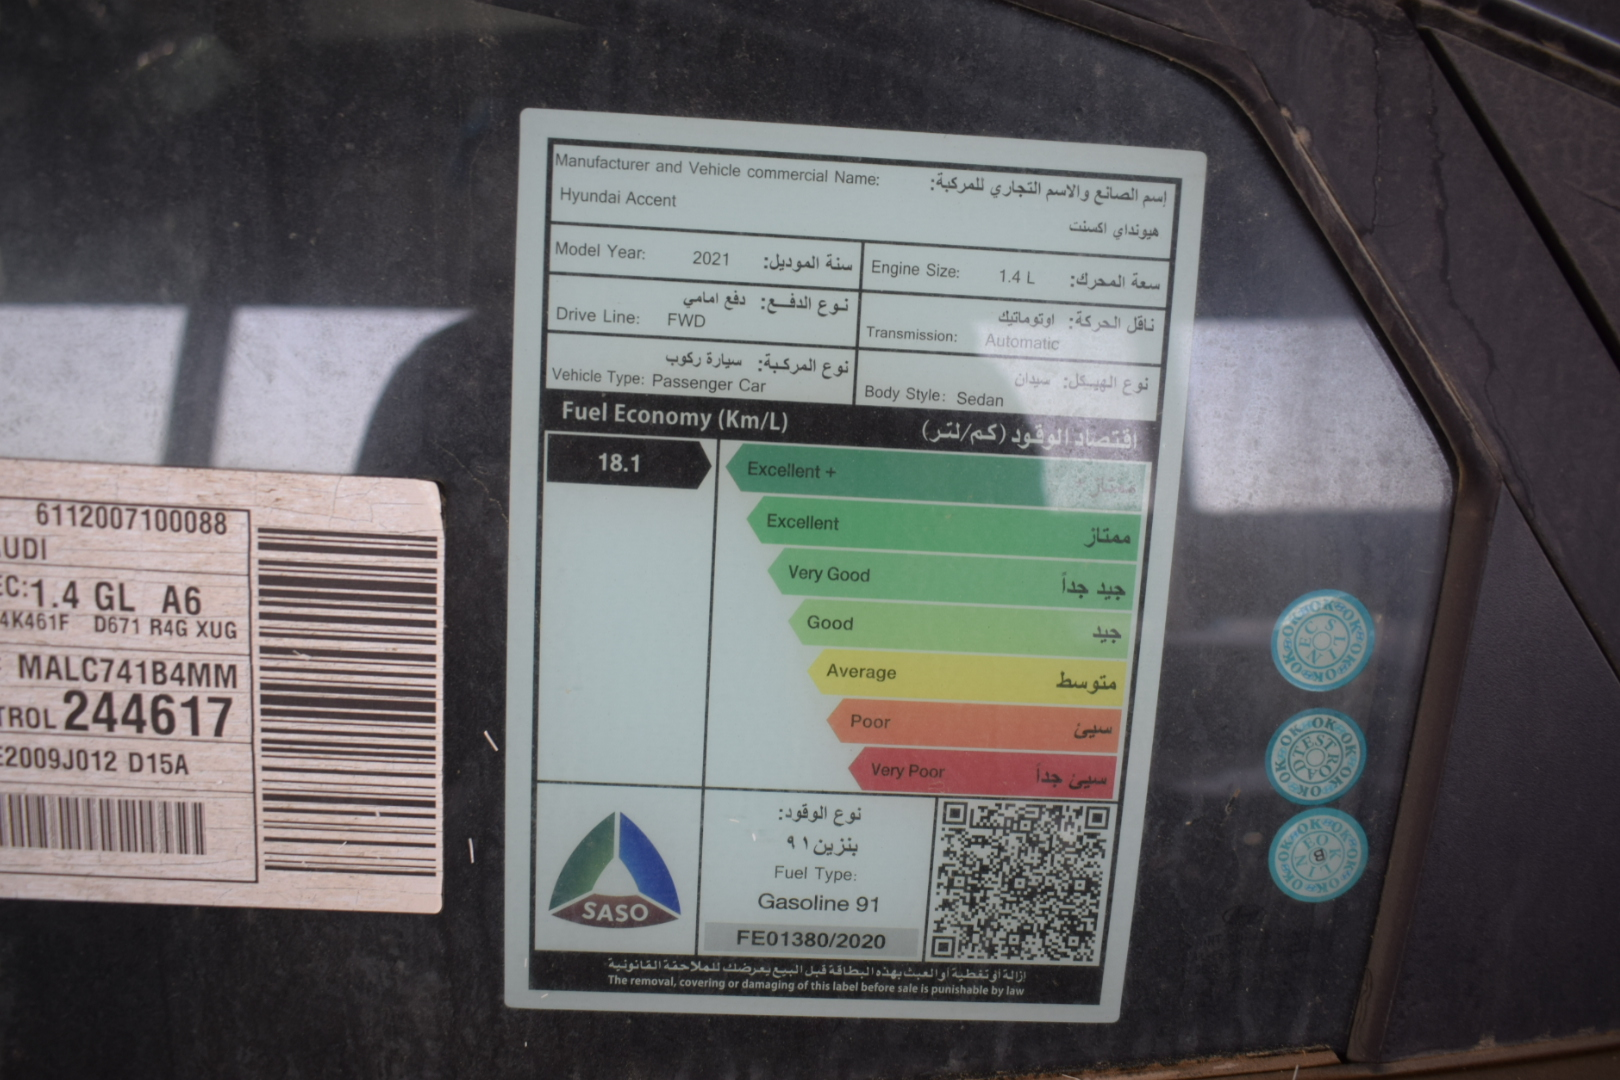 هونداي اكسنت Smart 2021 ستاندر سعودي للبيع في جدة - السعودية - صورة كبيرة - 3